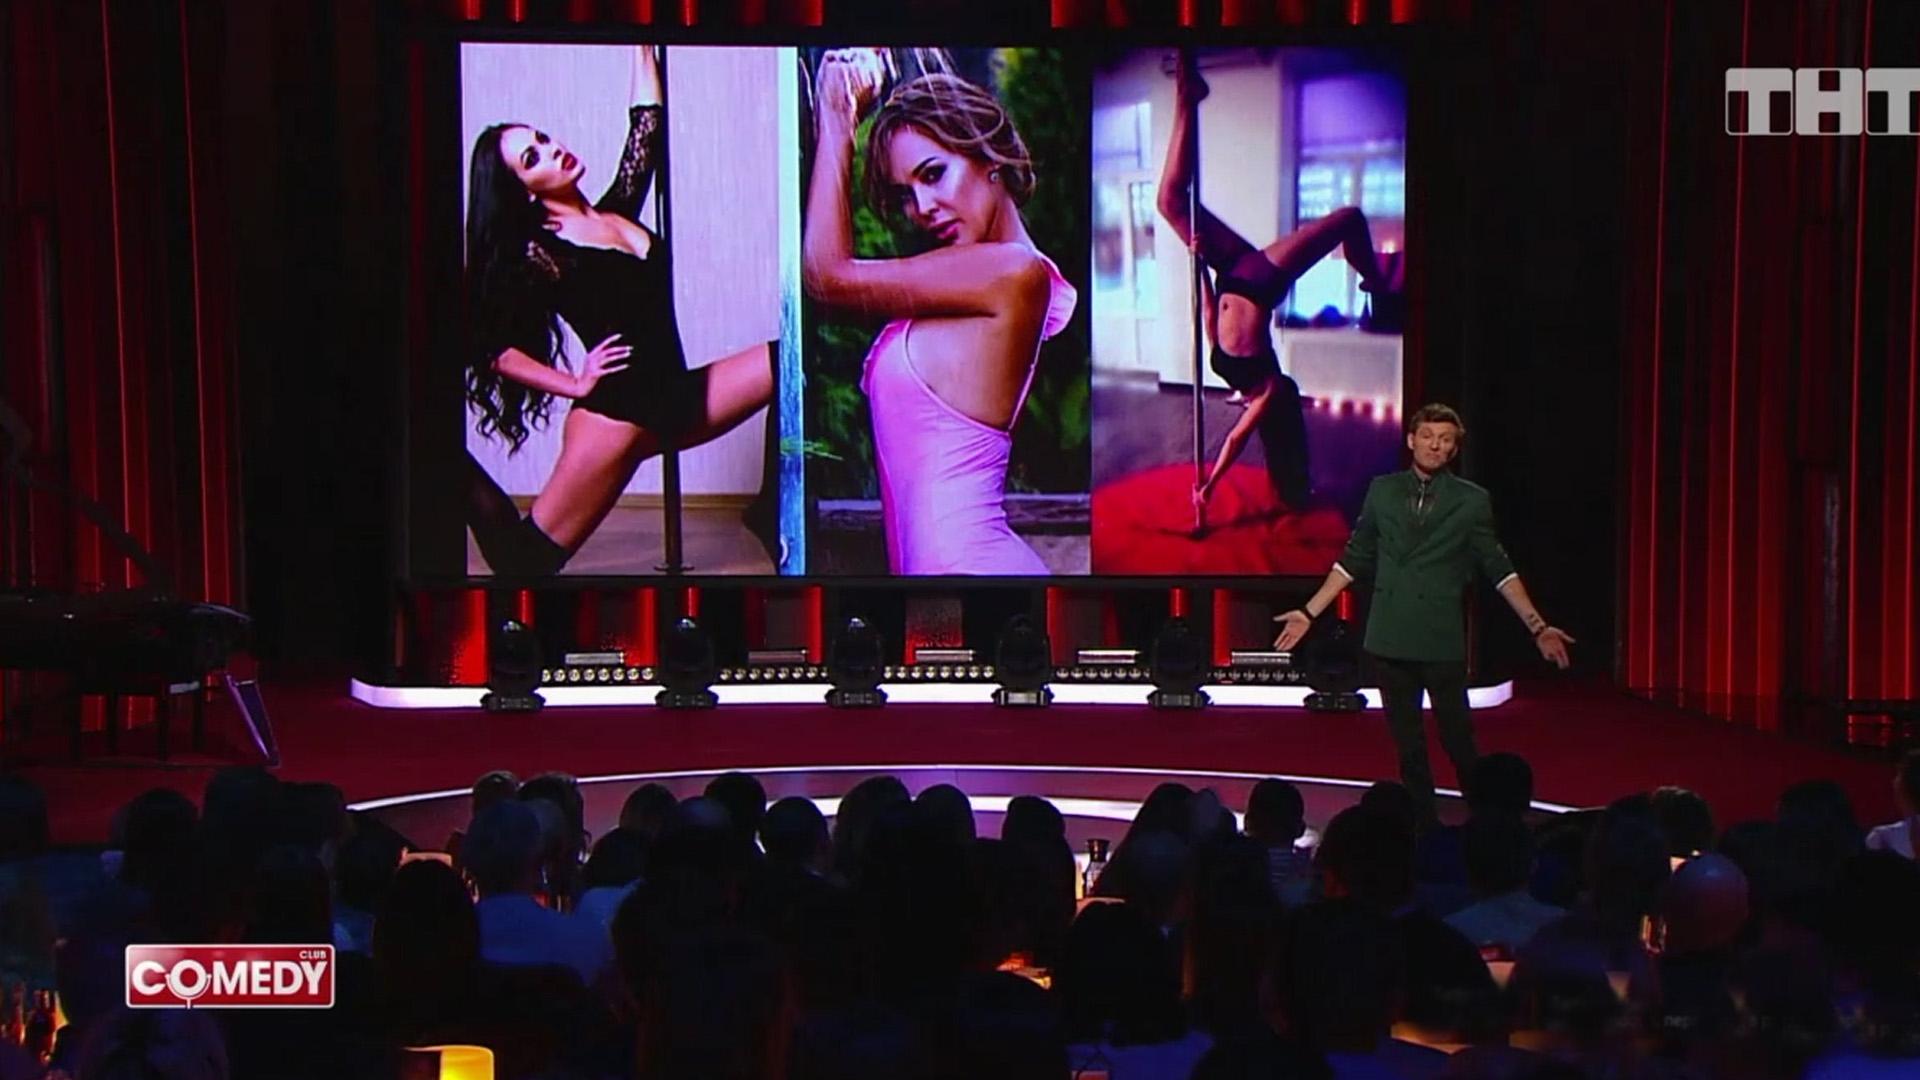 Павел Воля, Comedy Club, модель, танцы на пилоне